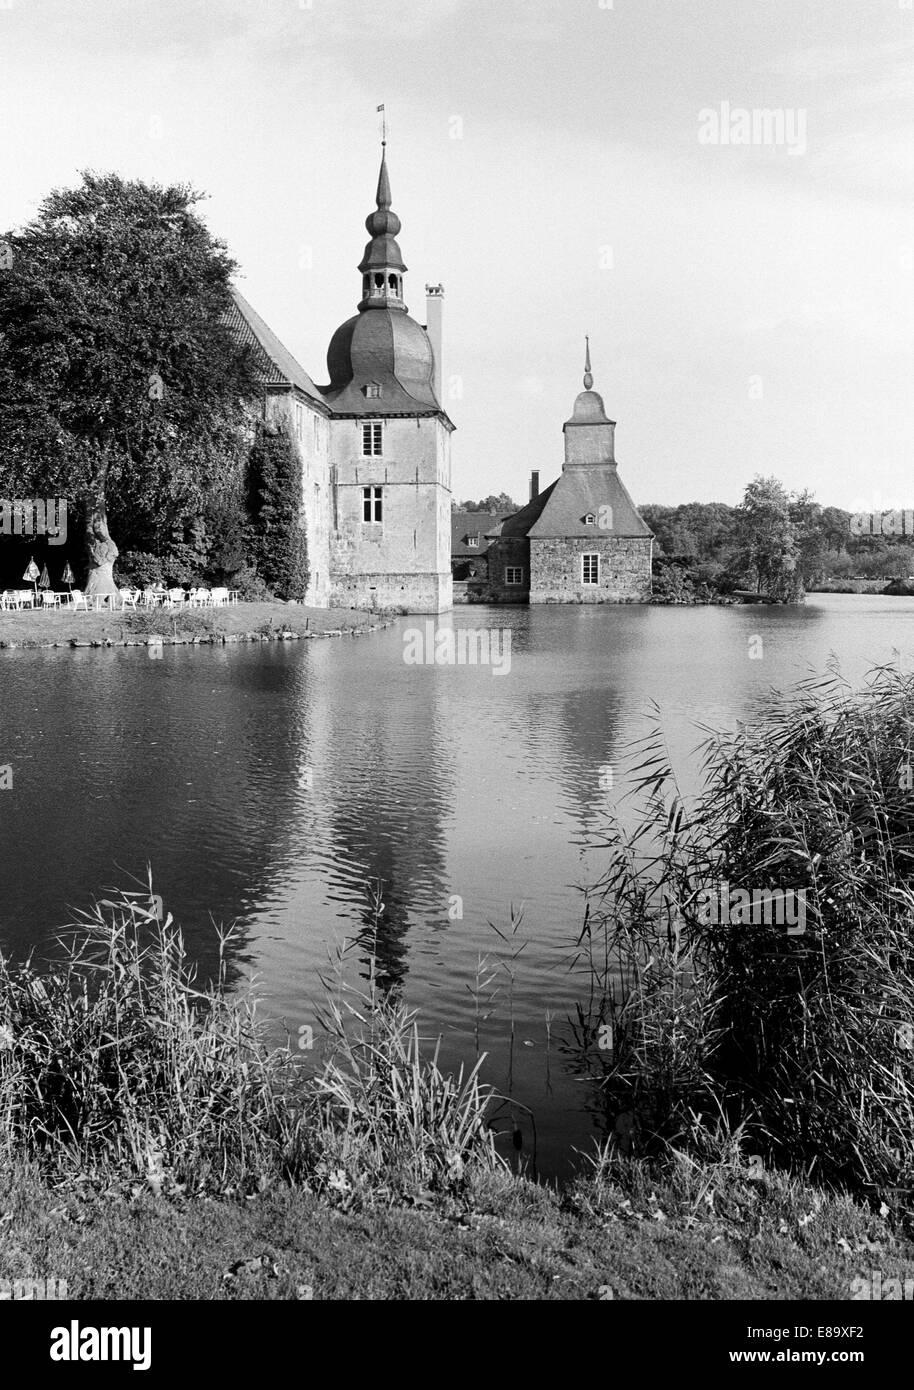 Achtziger Jahre, Barockschloss, Wasserschloss Lembeck in Dorsten-Lembeck, Naturpark Hohe Mark-Westmuensterland, - Stock Image